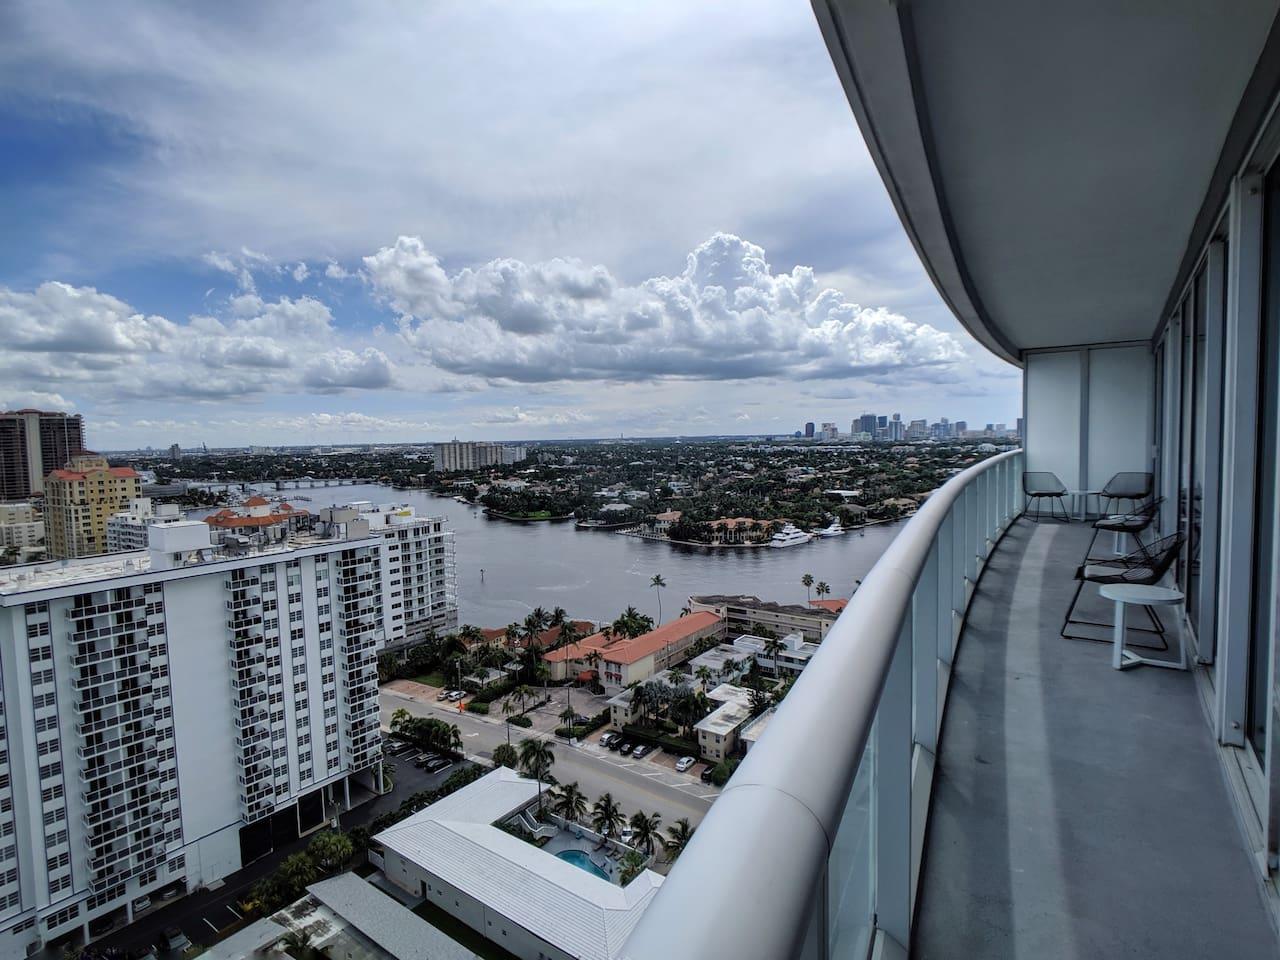 Balcony views towards the Intracoastal